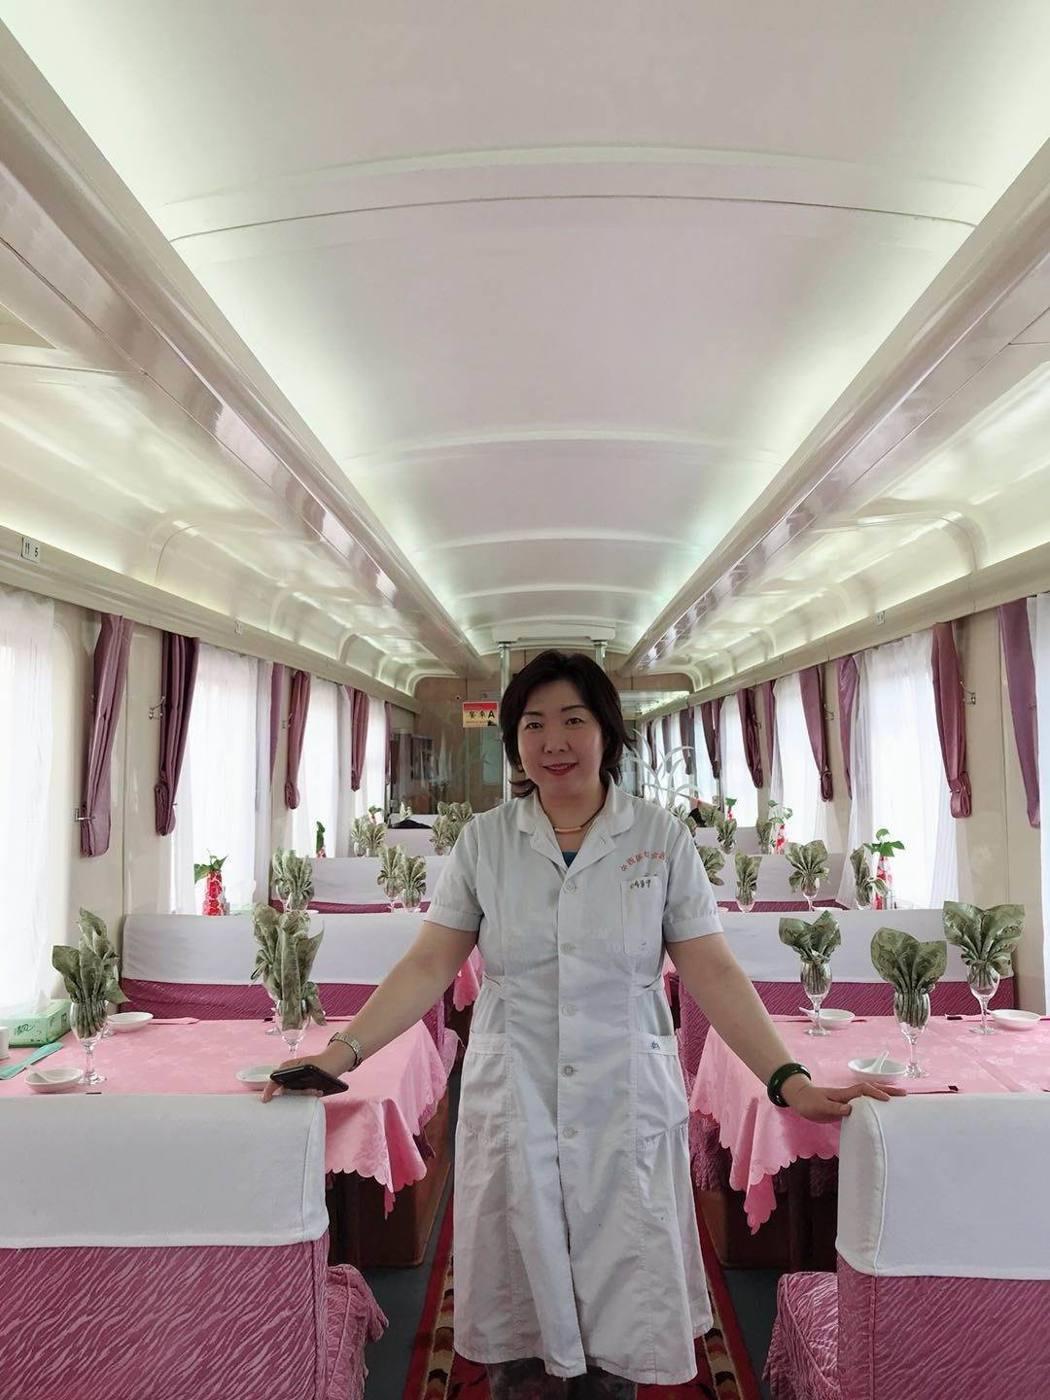 香格里拉專列豪華餐車專人服務,提供正餐8菜1湯、紅酒、碳酸飲料等美食。巨匠旅遊/...